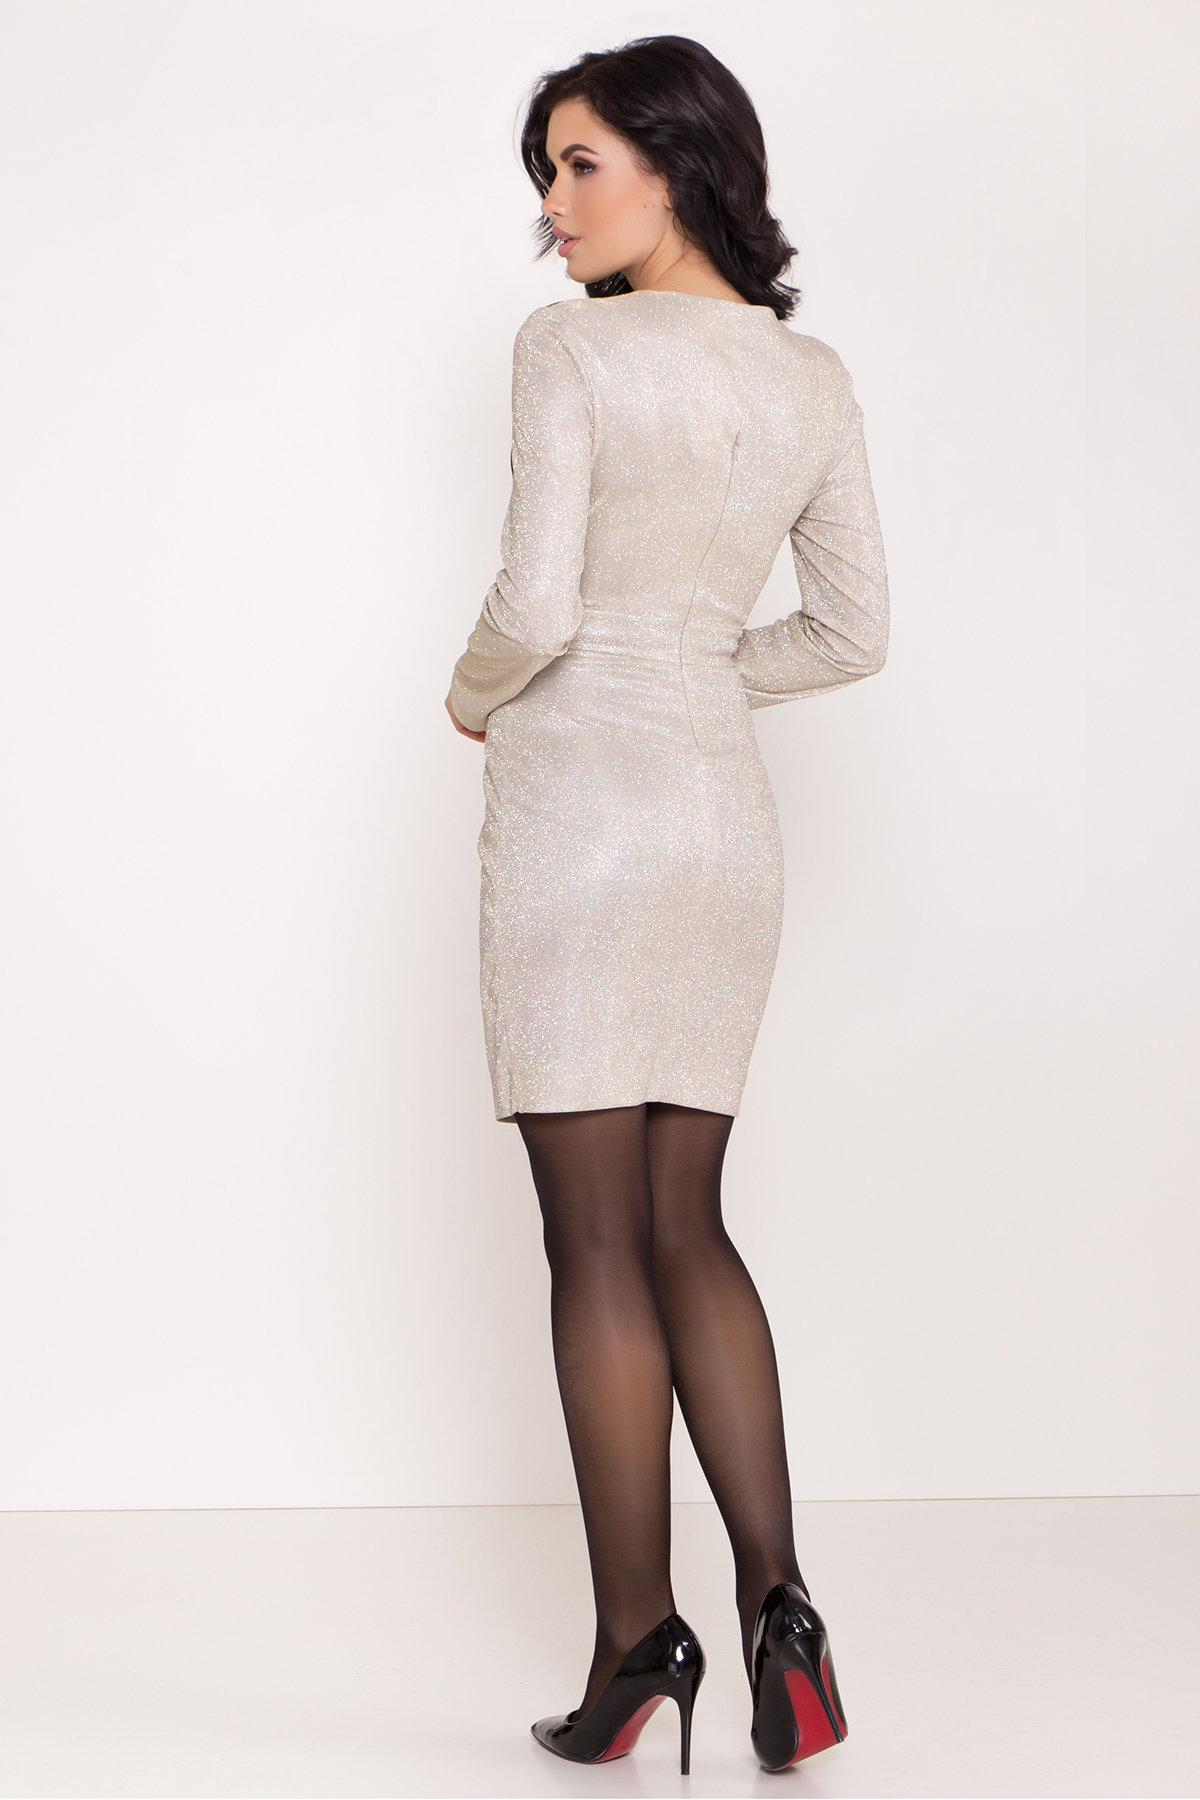 Контрастное двухцветное платье Блеск 8511 АРТ. 44822 Цвет: Серебро/золото - фото 8, интернет магазин tm-modus.ru